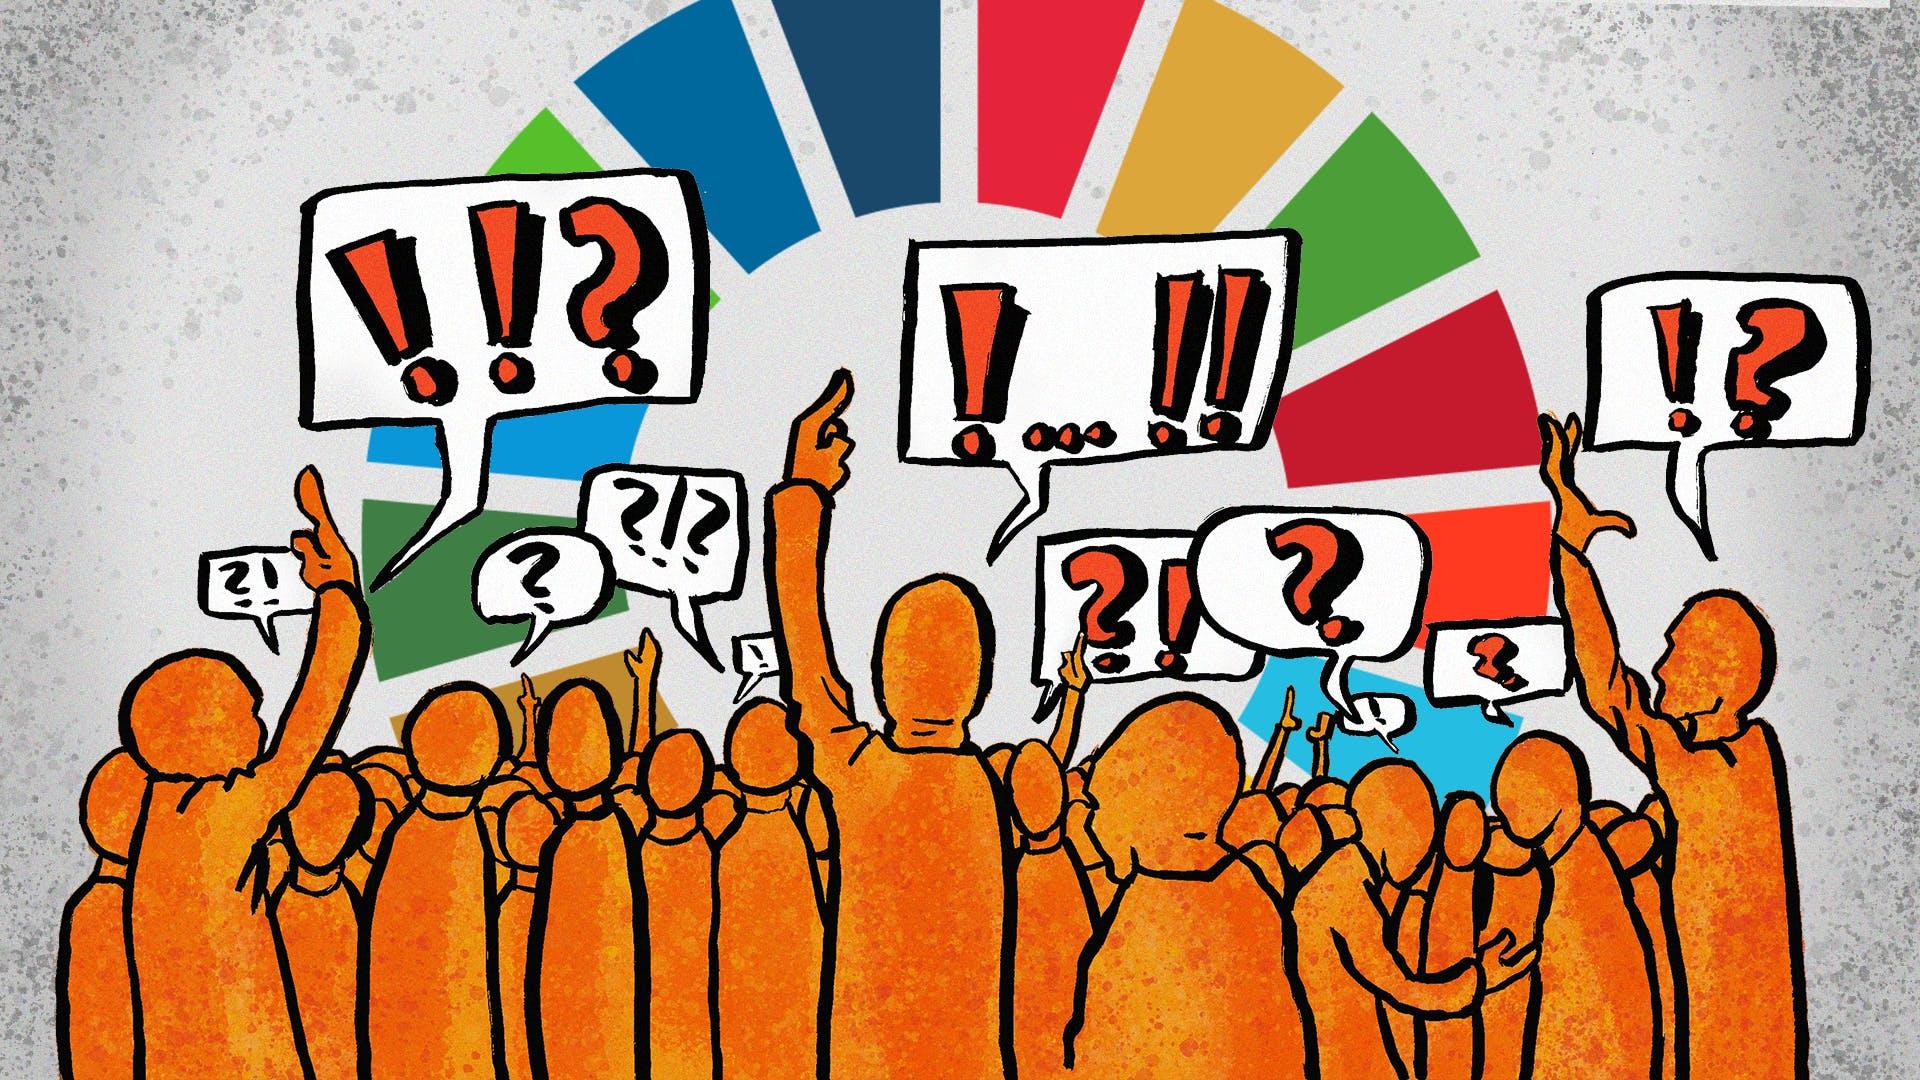 Alle danskere kan komme med inputs til, hvordan vi bedst måler Danmarks indsats for Verdensmålene i fremtiden. Foto: Lauge Eilsøe-Madsen